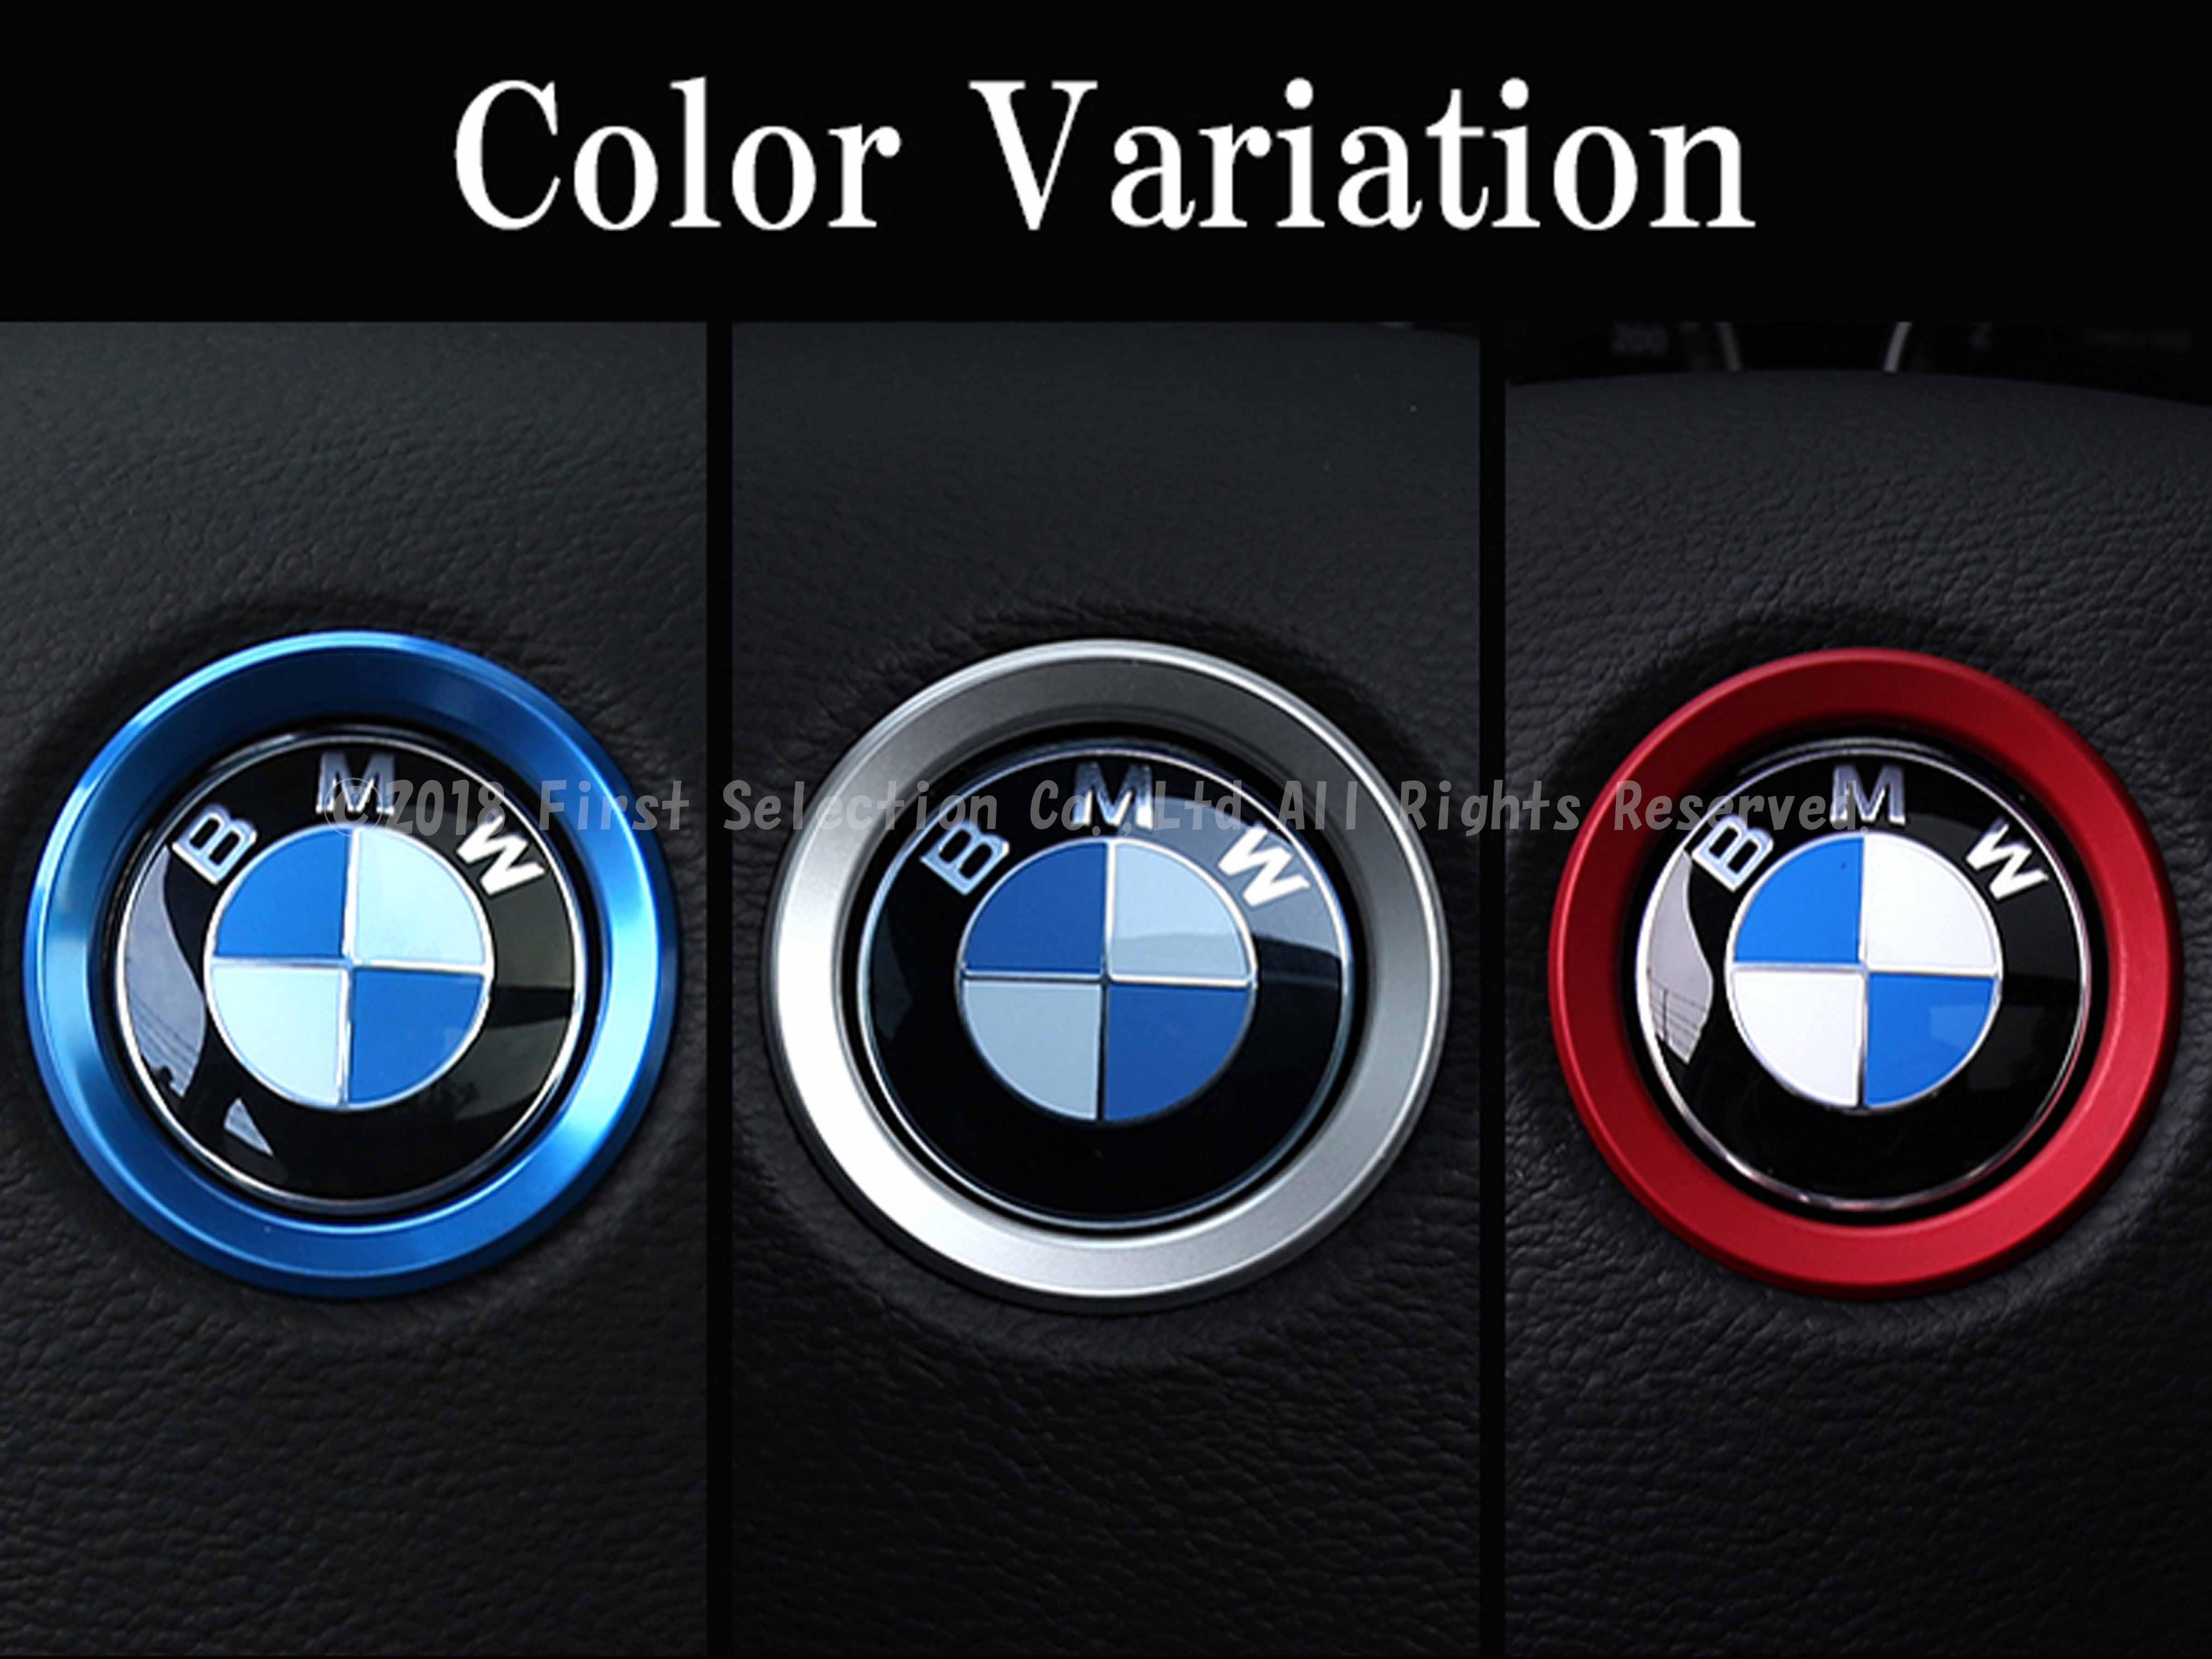 BMW車用 ハンドルセンターカラーリング レッド